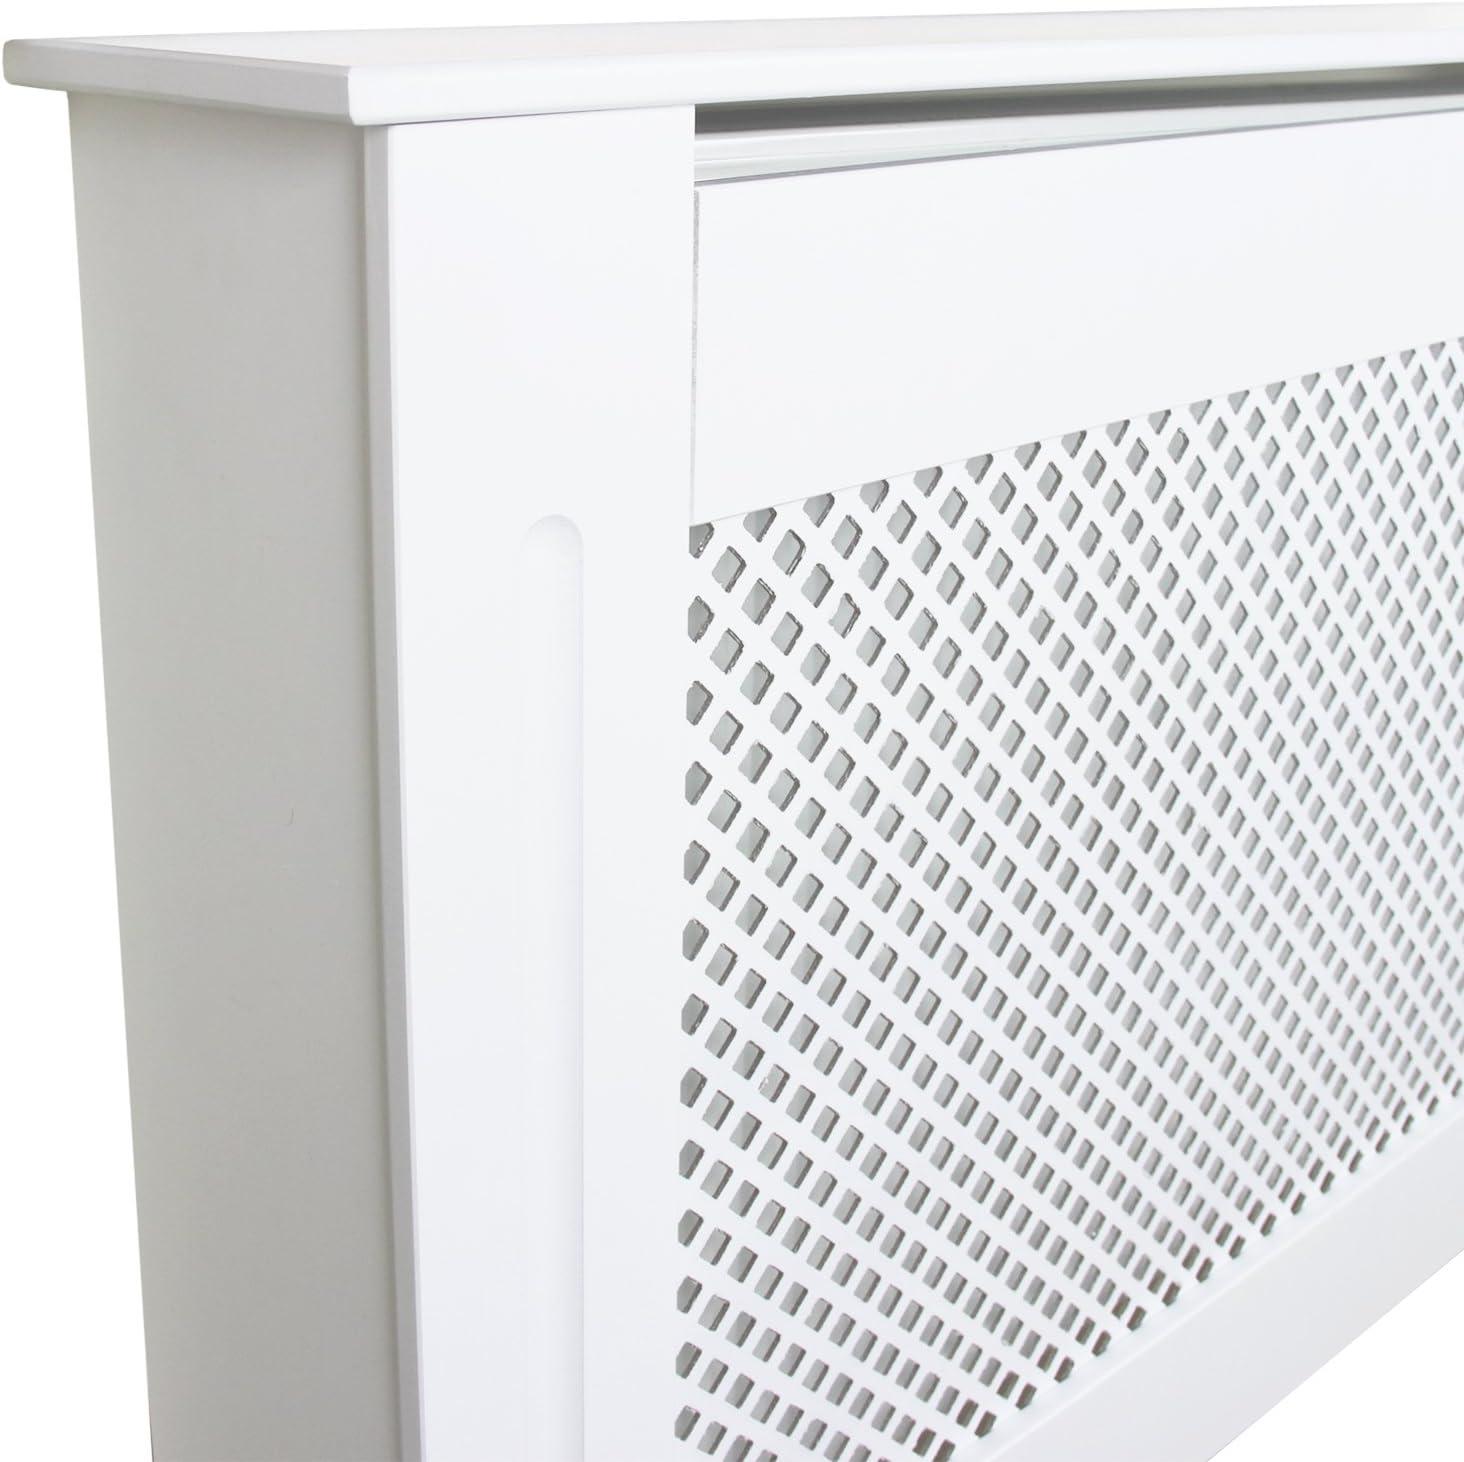 Cache Radiateur /à Motif Grillag/é Ajustable 140cm /à 192cm de Large x 82cm de Haut x 20,5cm de Profondeuren MDF Blanc D/écoration Maison